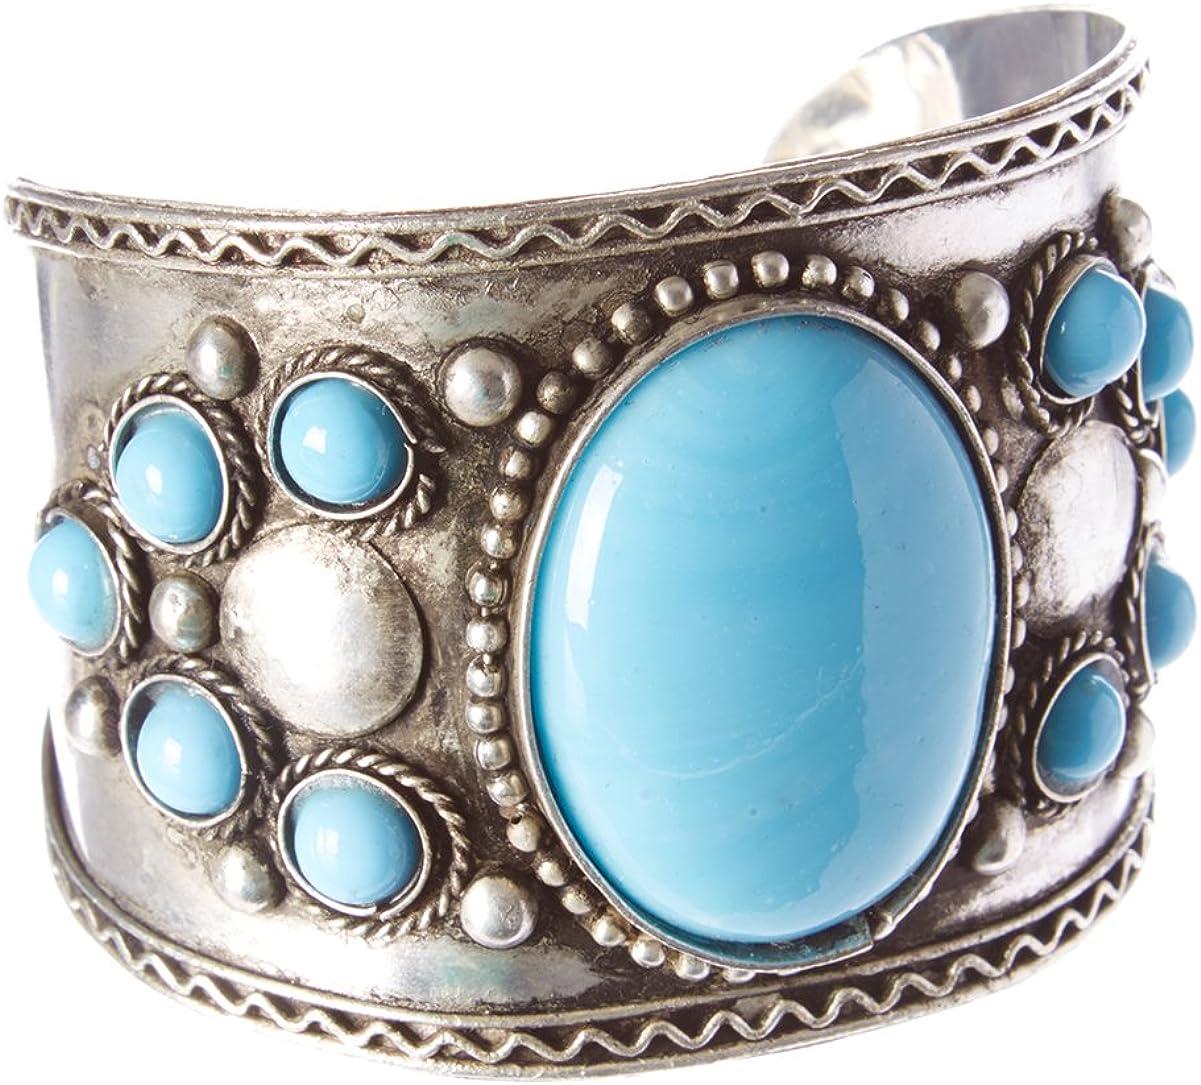 Agate Cuff Bracelet Silver Metal Cuff Boho Jewellery Gypsy Cuff Bracelet Tribal Mens Women/'s Jewellery Adjustable Bangle Unisex